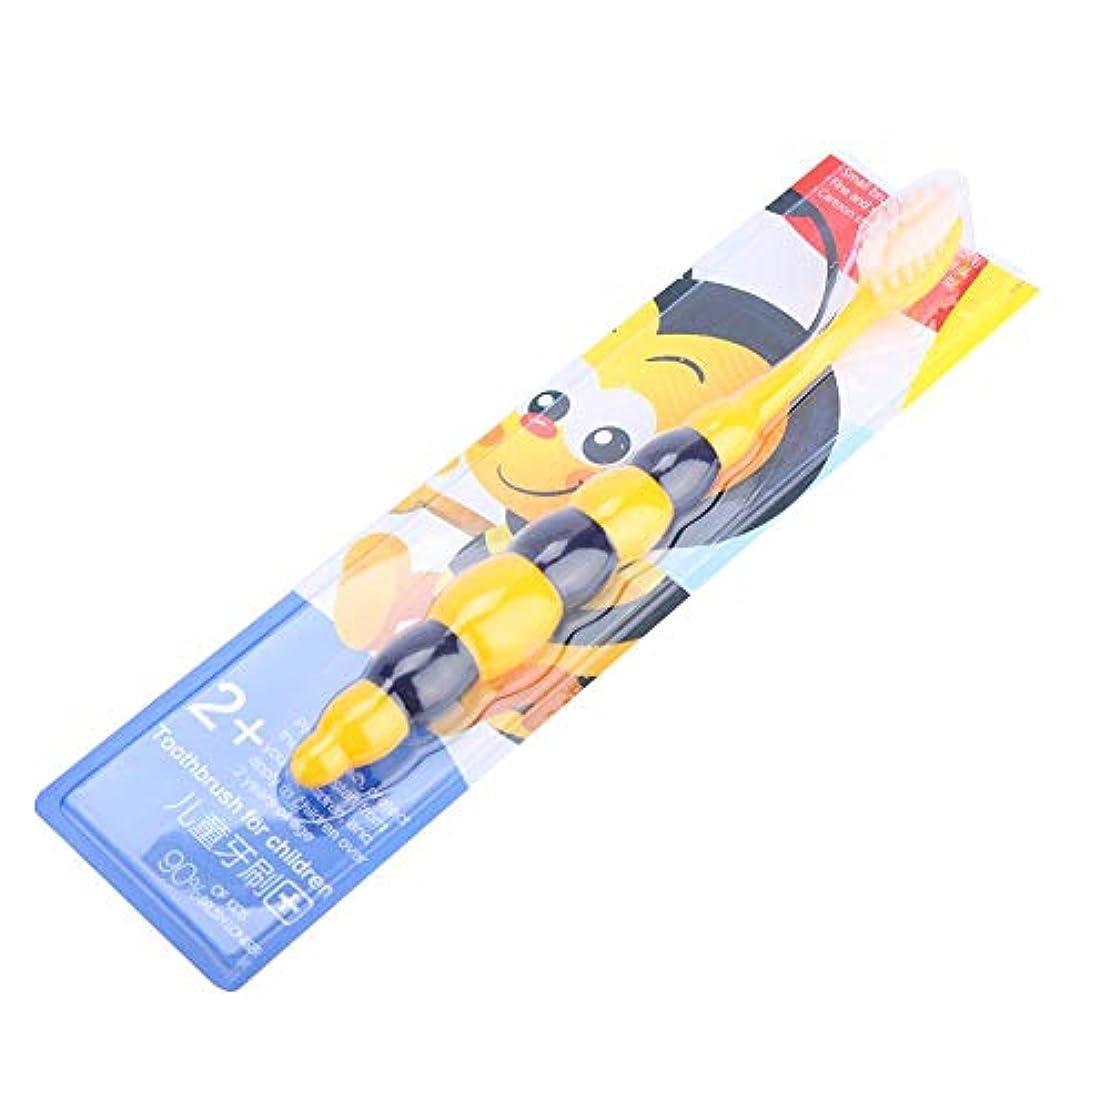 海峡元気学んだ子供の柔らかい髪の歯ブラシの子供かわいいクリーニングの歯ブラシオーラルケアツール(黄色い蜂)